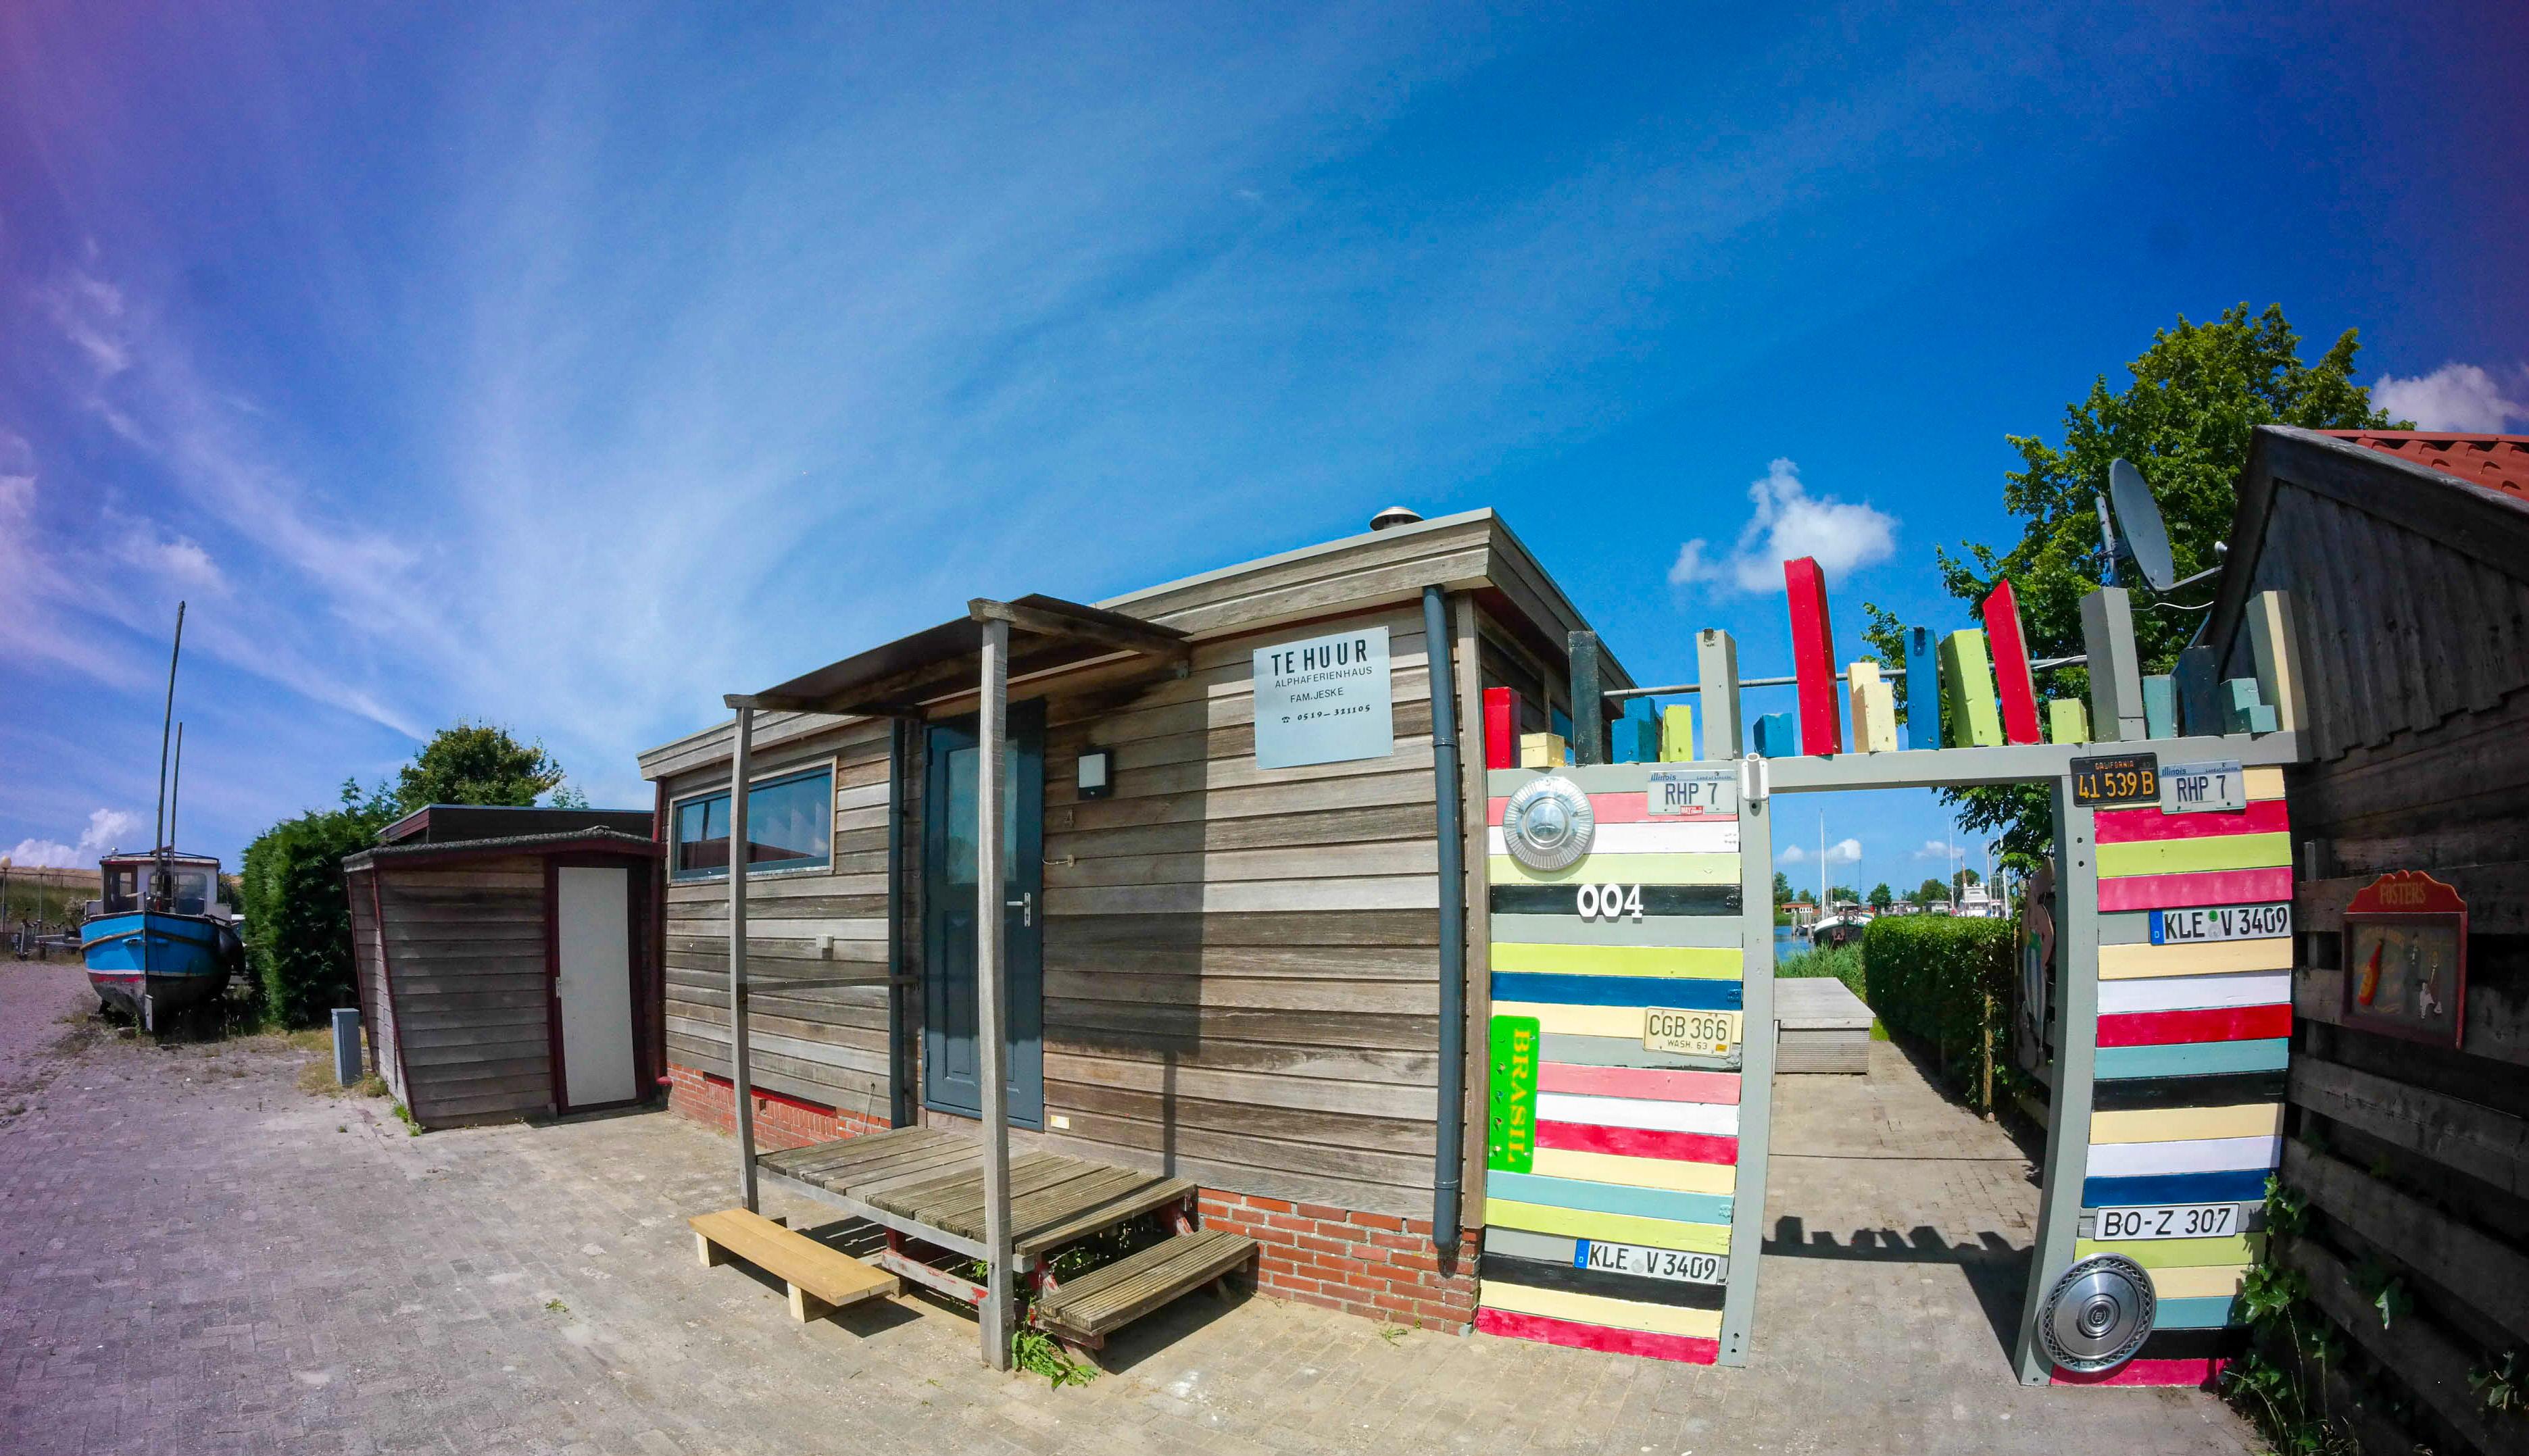 Besonderes Ferienhaus in ruhiger Lage vor dem Deich direkt am Lauwersmeer